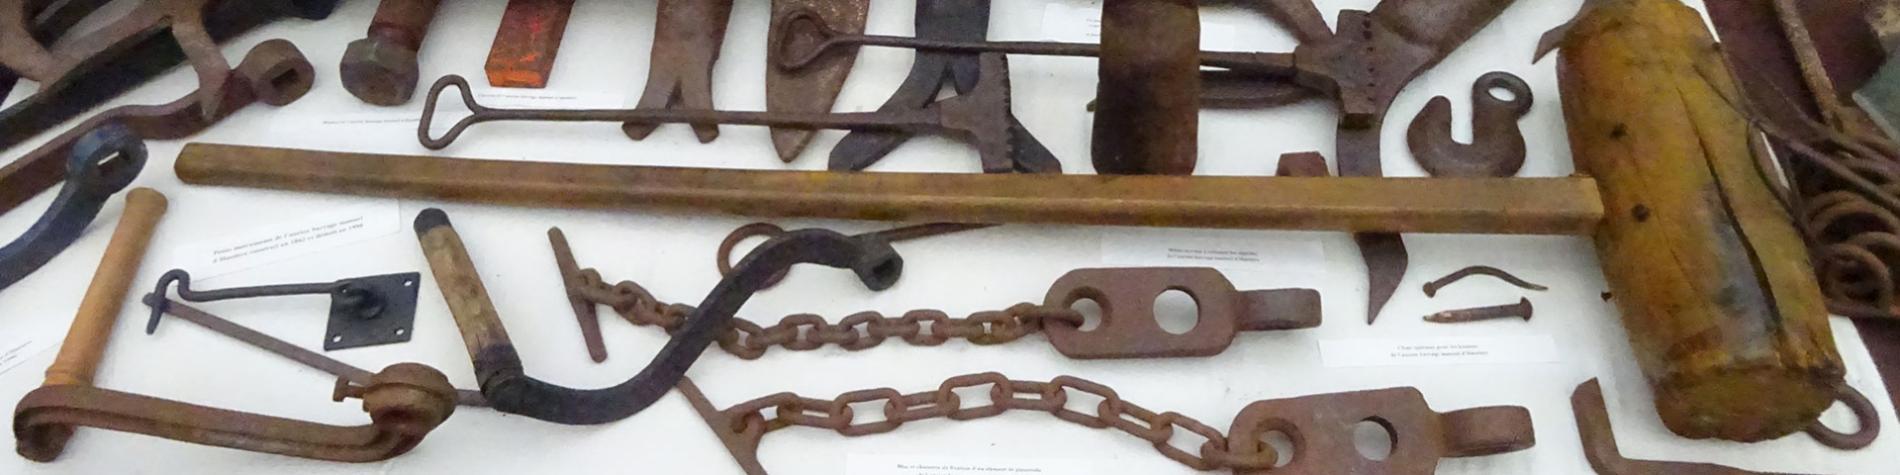 Hastiere - Instruments - Maison du Patrimoine